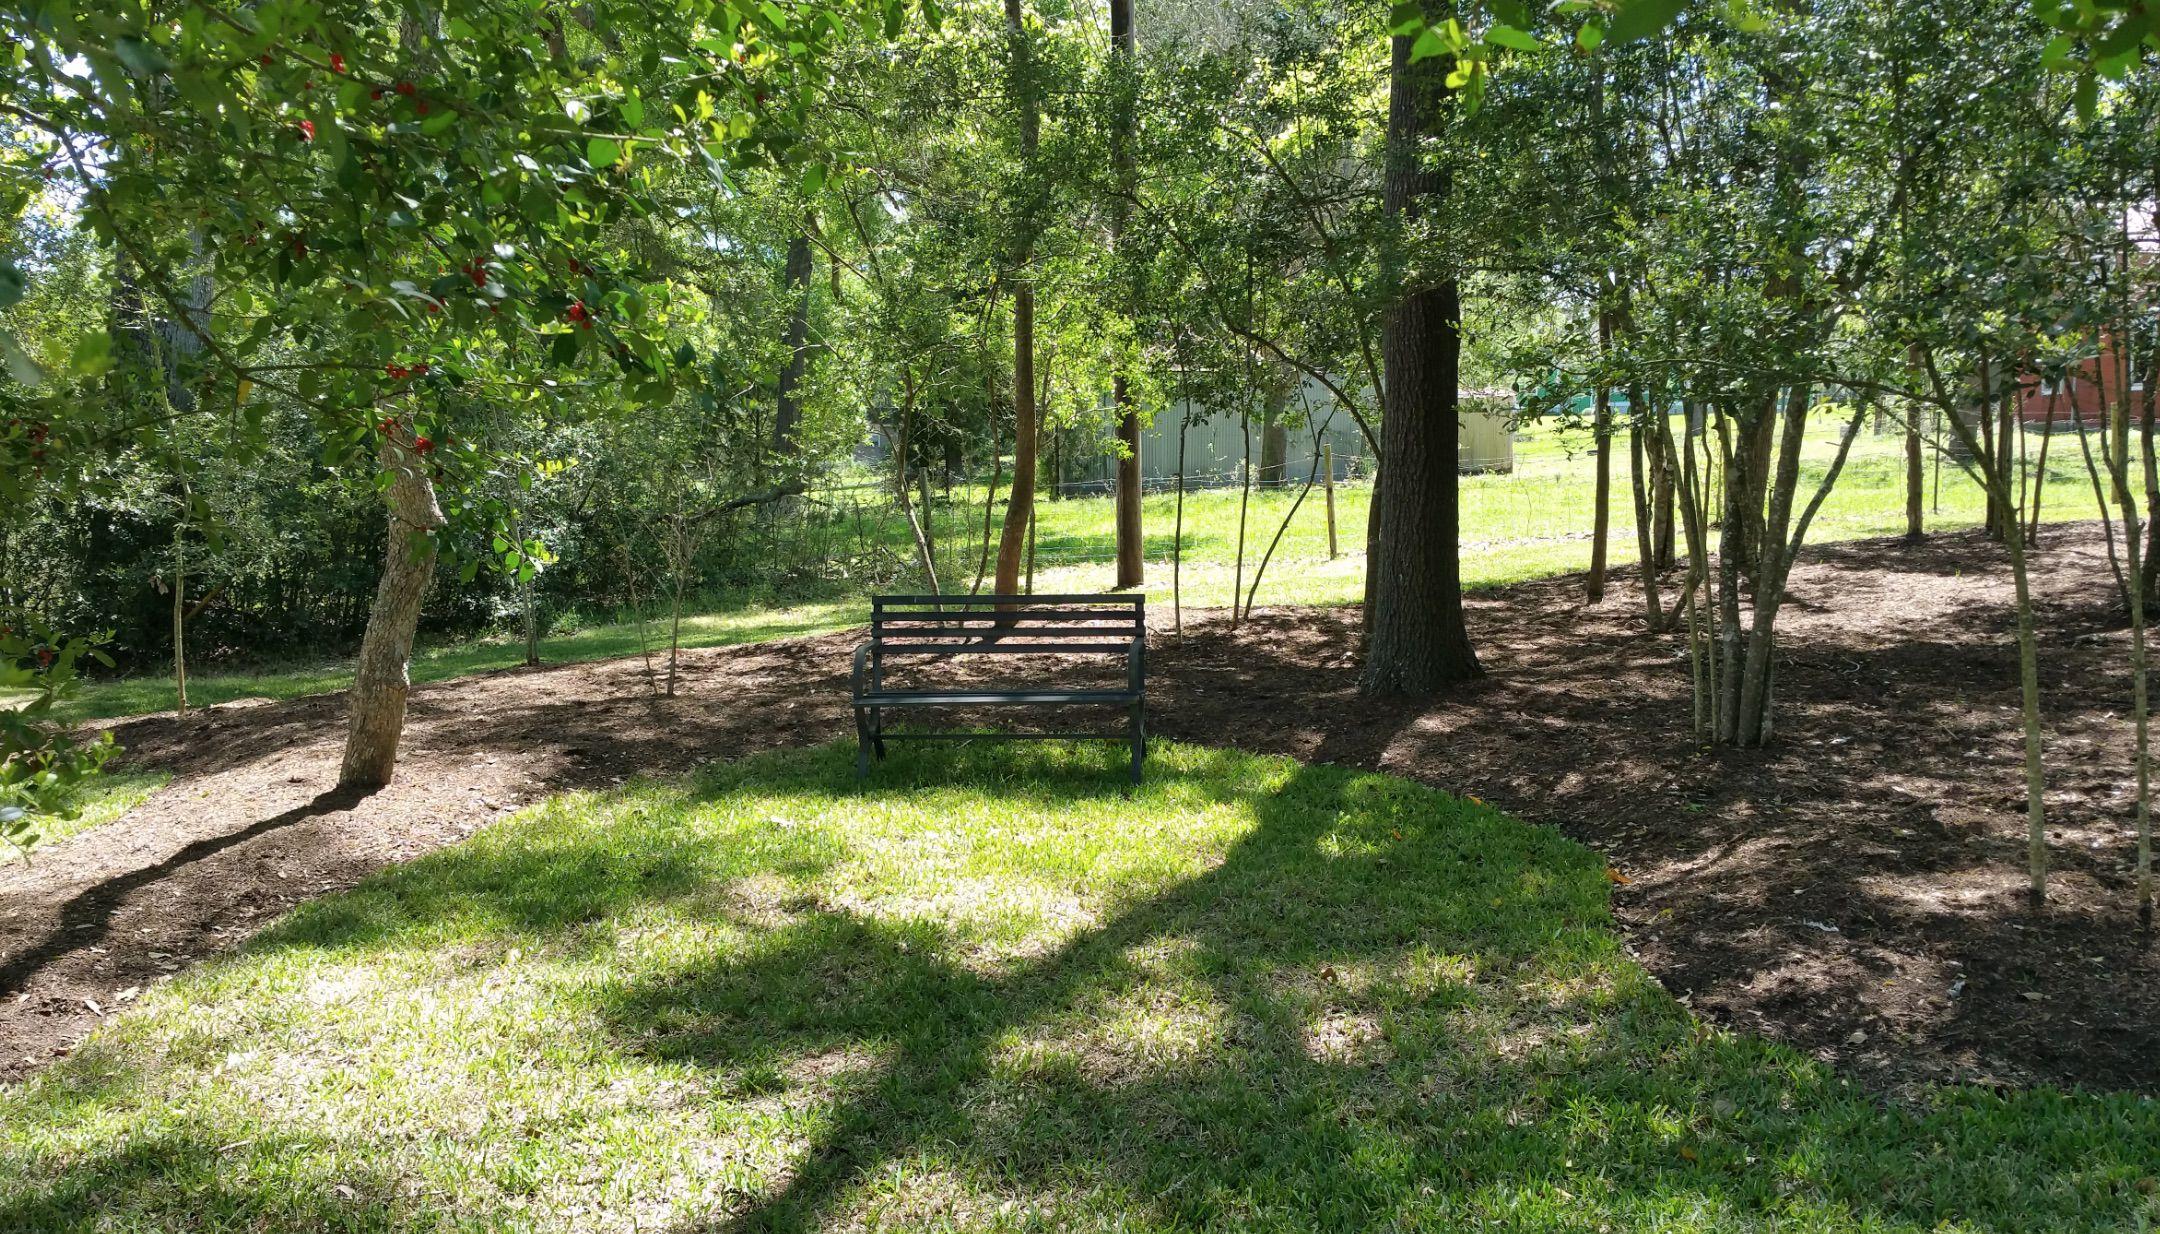 Lush greenery at Texas Star Winery